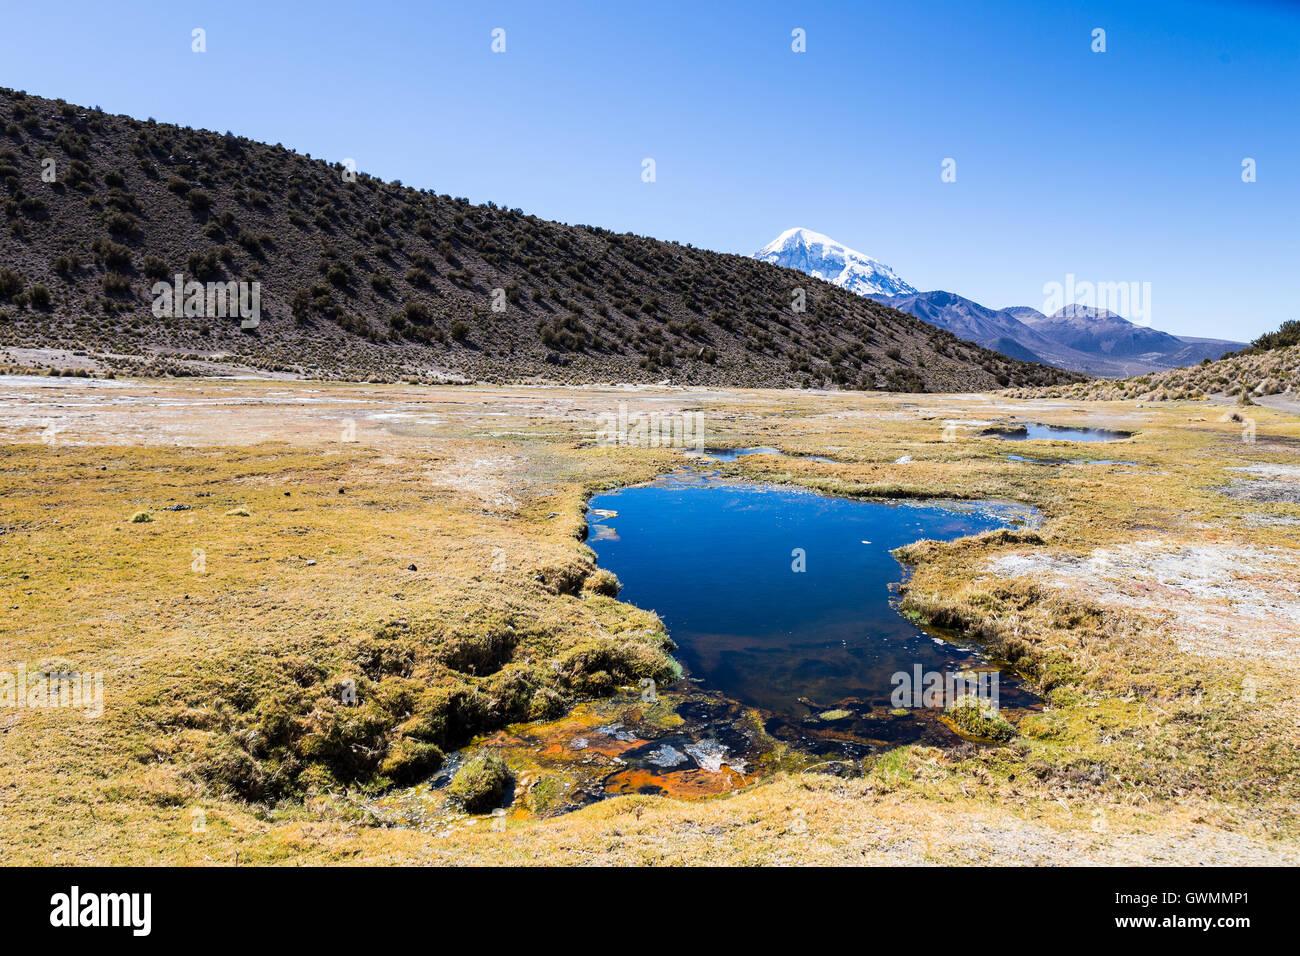 Anden Geysire. Junthuma-Geysire, durch geothermische Aktivität gebildet. Bolivien. Die Thermalbecken ermöglichen Stockfoto